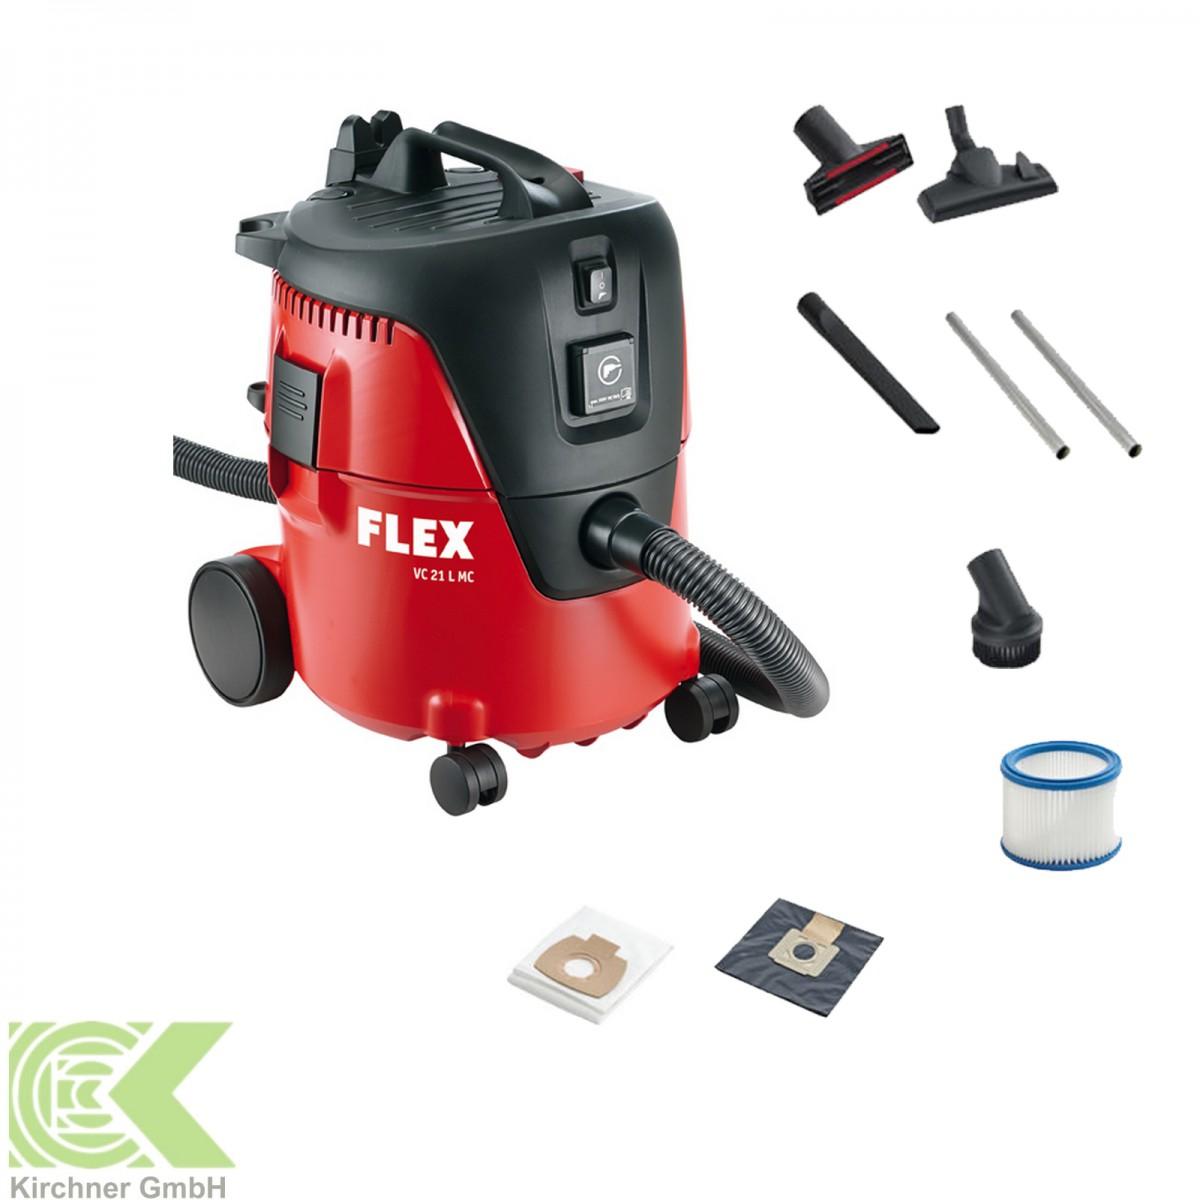 flex sicherheitssauger vc21l mc nr 405418 von flex elektrowerkzeuge gmbh bei kirchner24 kaufen. Black Bedroom Furniture Sets. Home Design Ideas